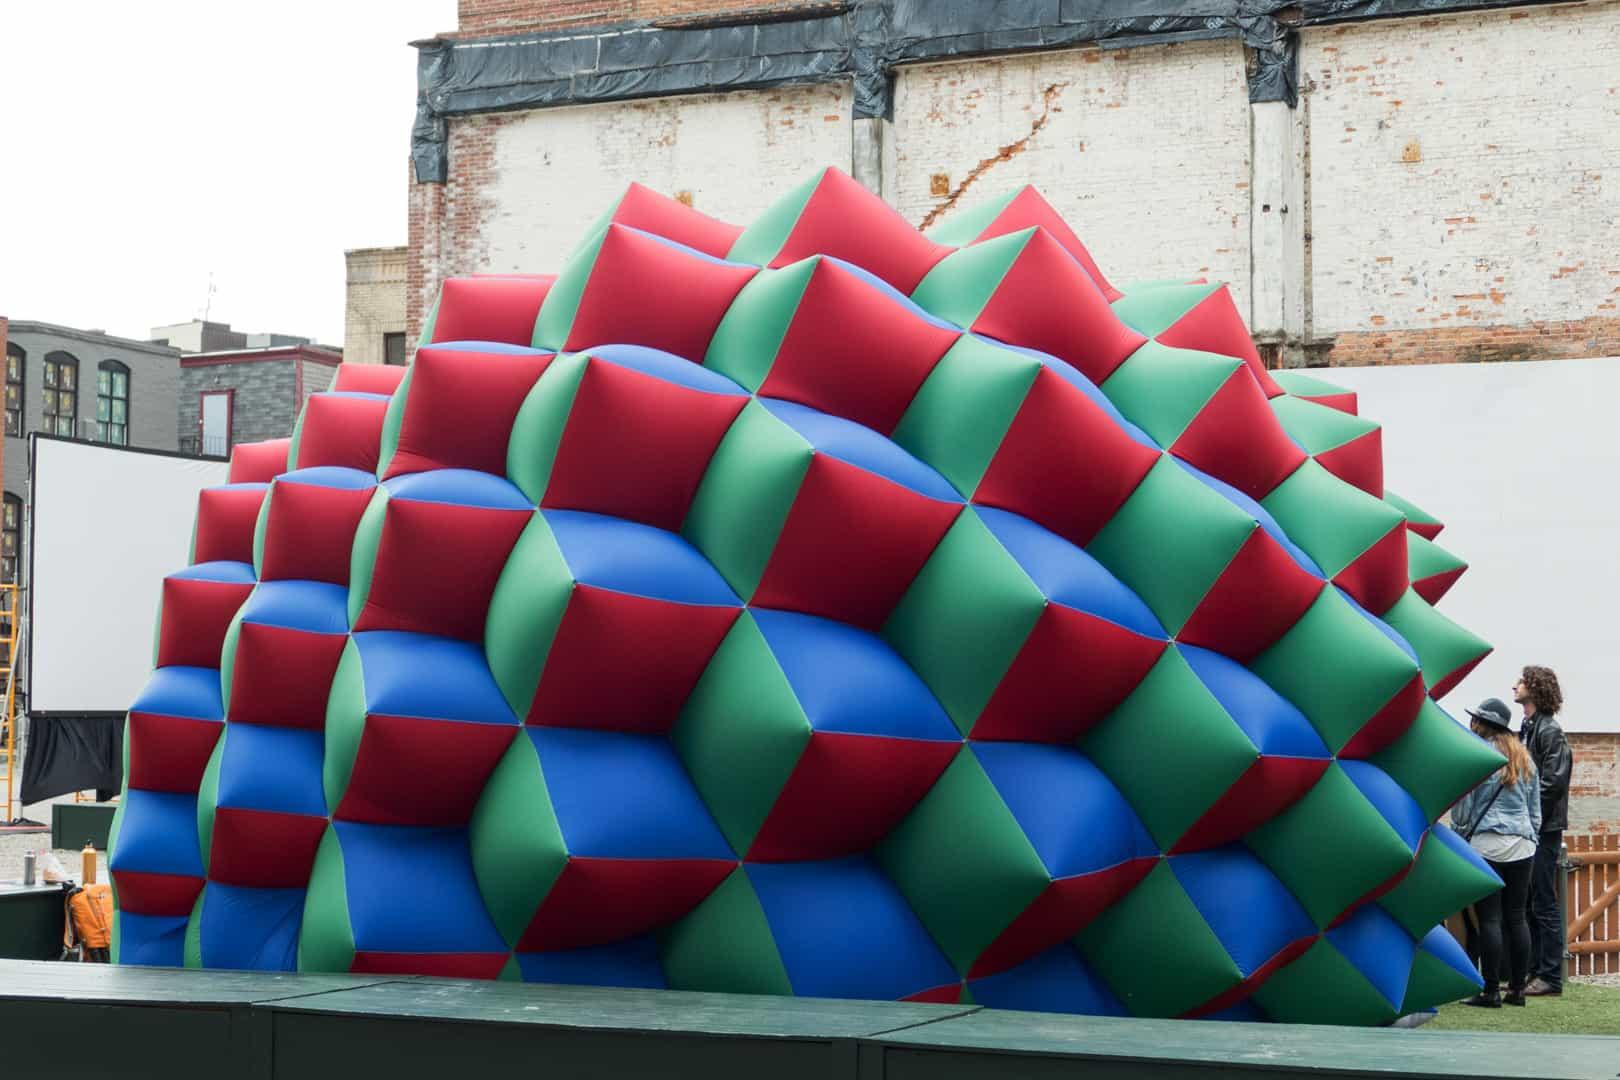 Fabric Prism No. 2, photo courtesy of Pneuhaus